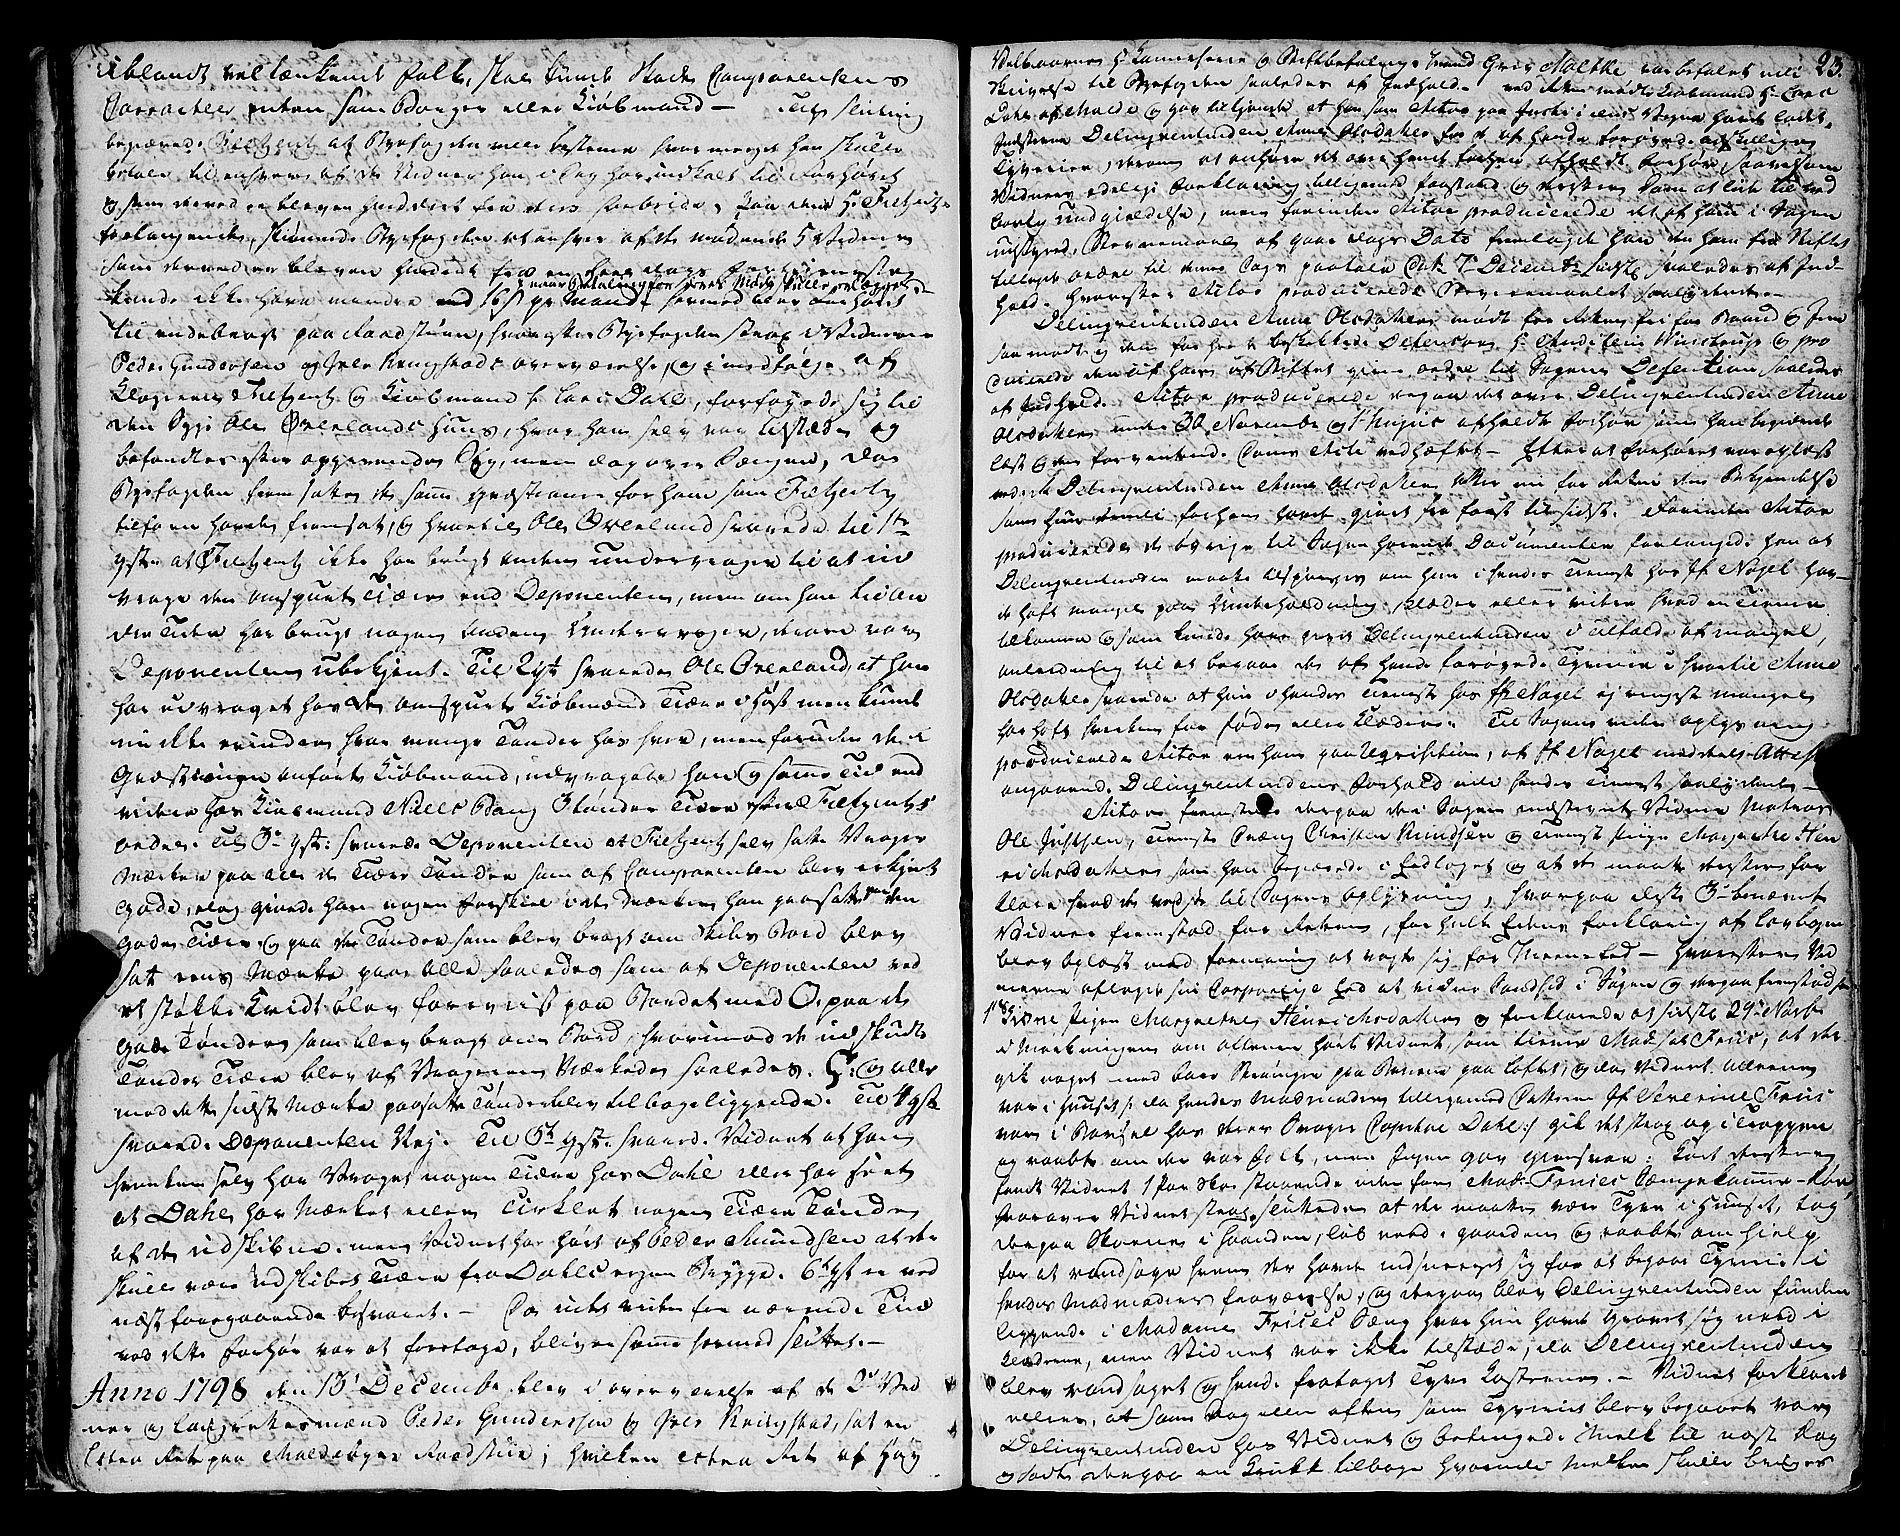 SAT, Molde byfogd, 1A/L0002: Justisprotokoll, 1797-1831, s. 22b-23a